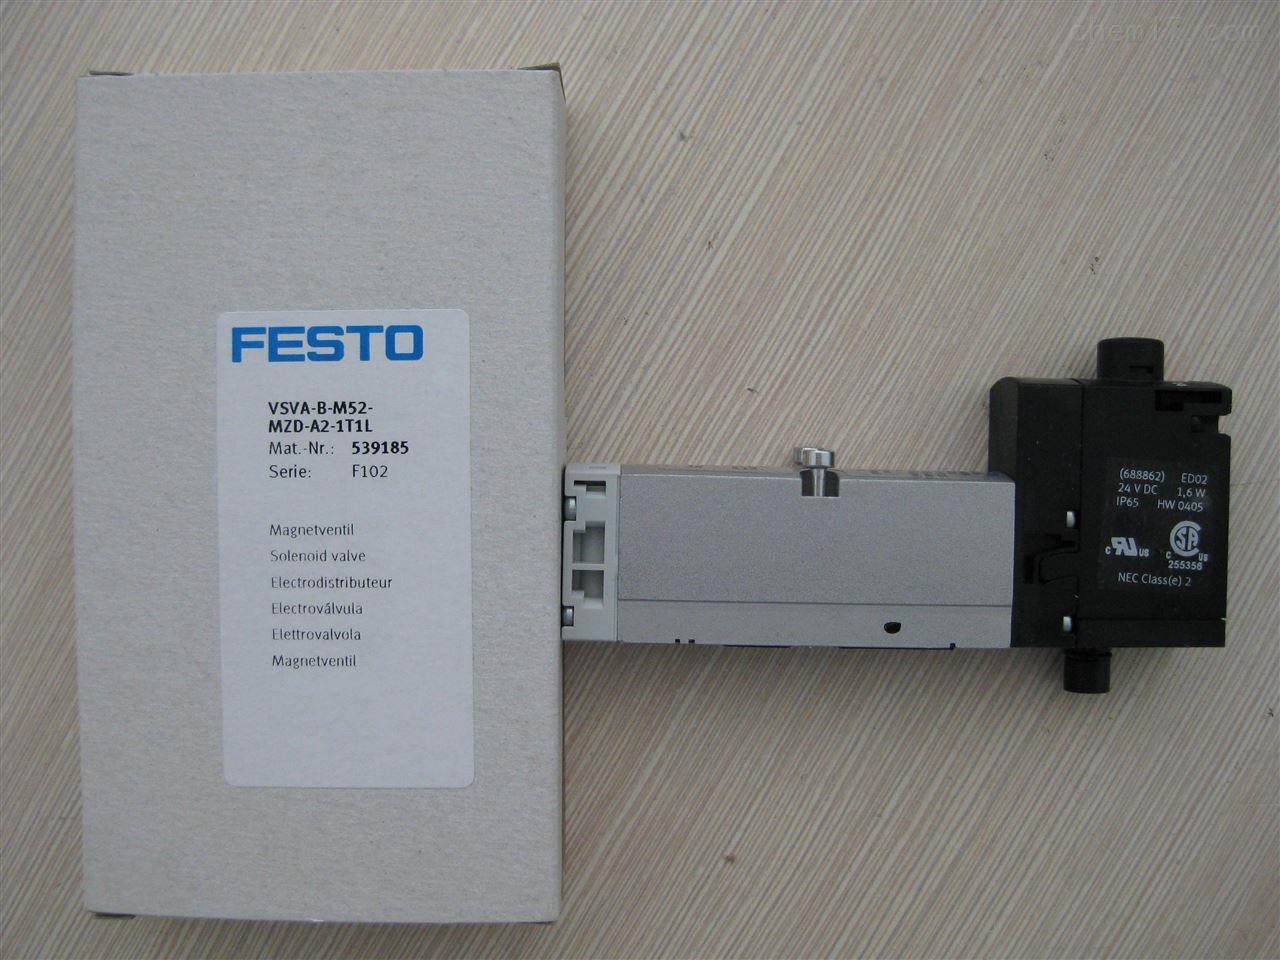 德国festo电磁阀539185/161728/53345原装